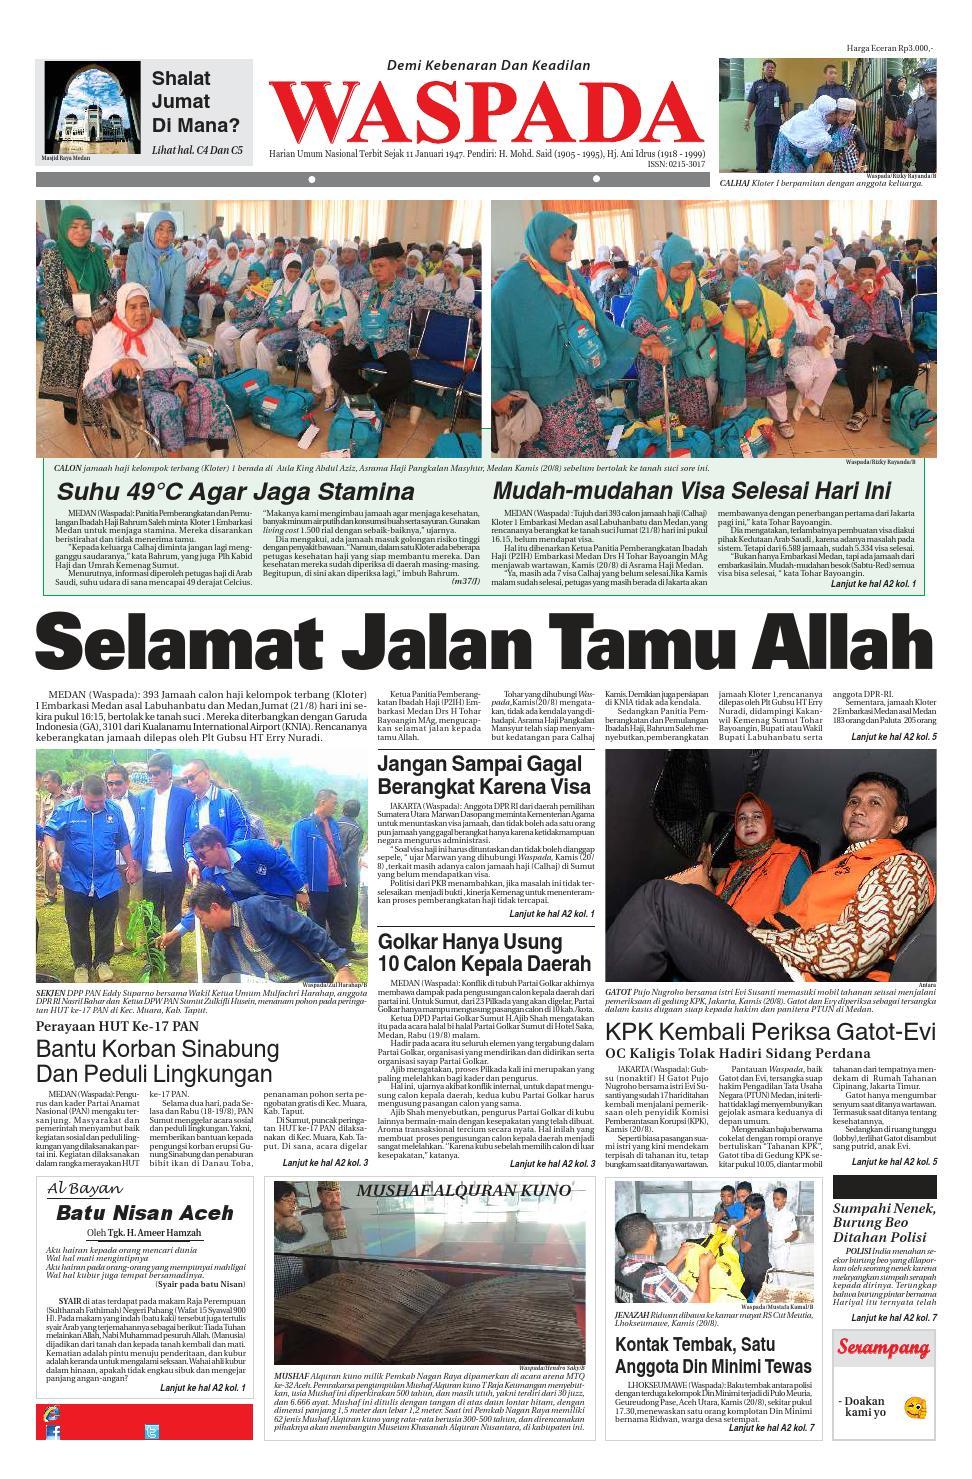 Waspada Jumat 21 Agustus 2015 By Harian Waspada Issuu